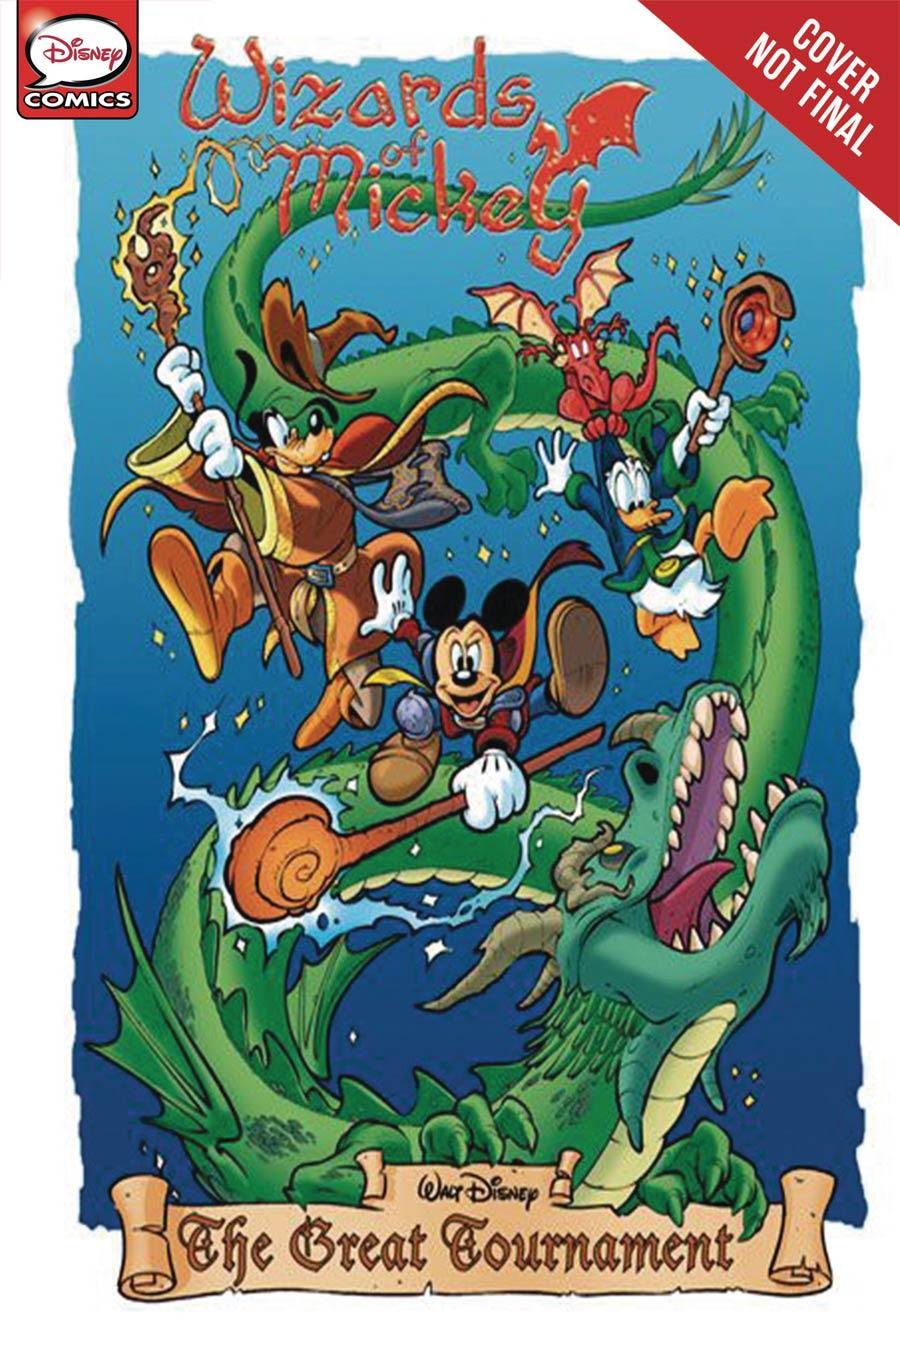 Disney Wizards Of Mickey Origins Vol 1 GN